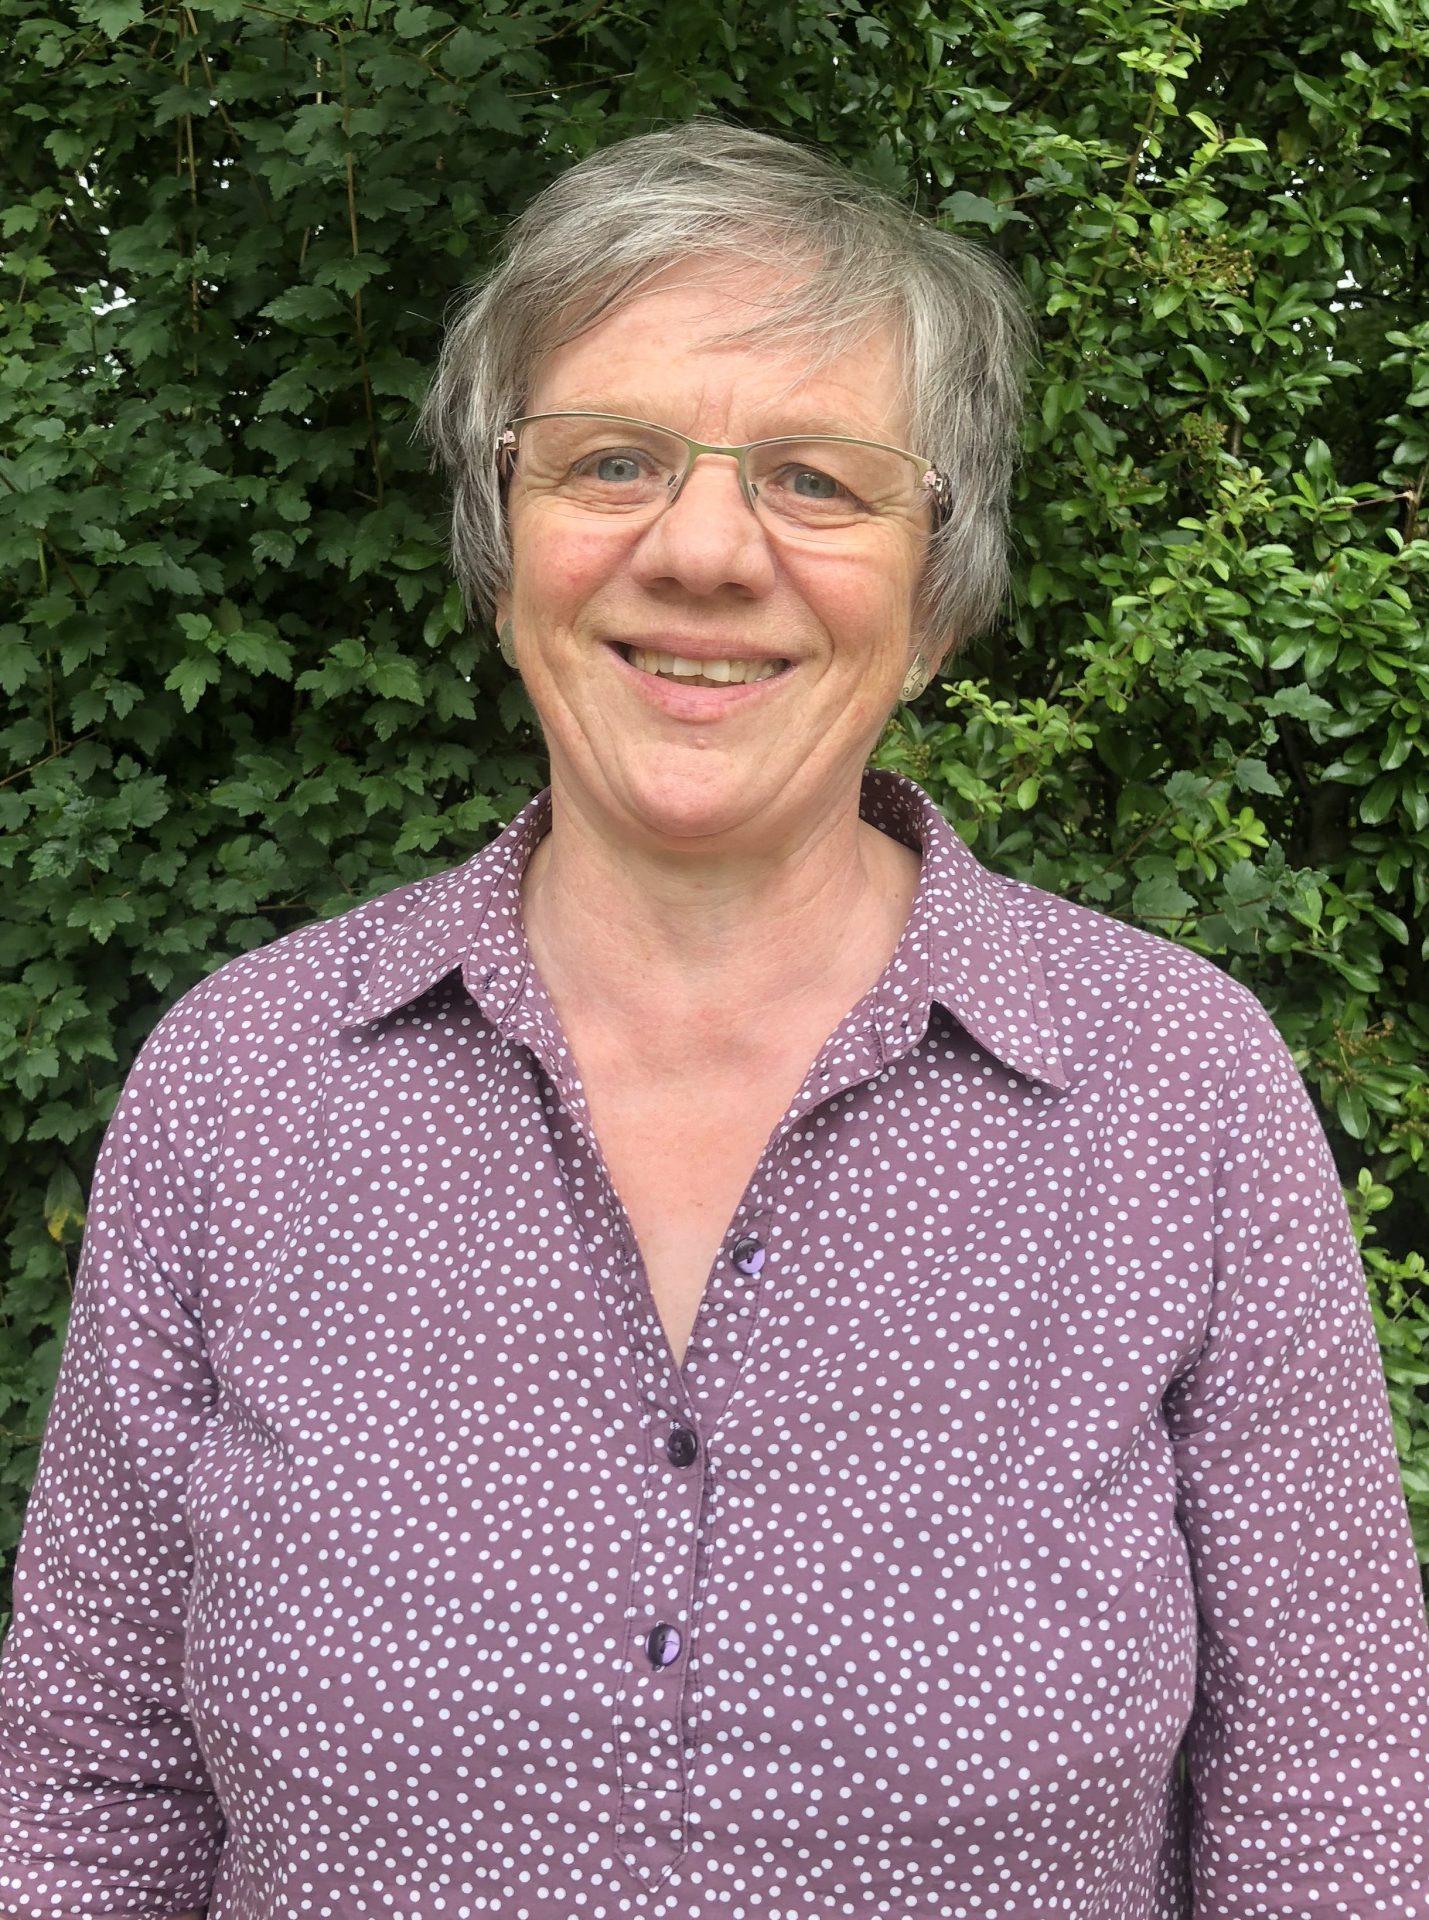 Frau Stöcker